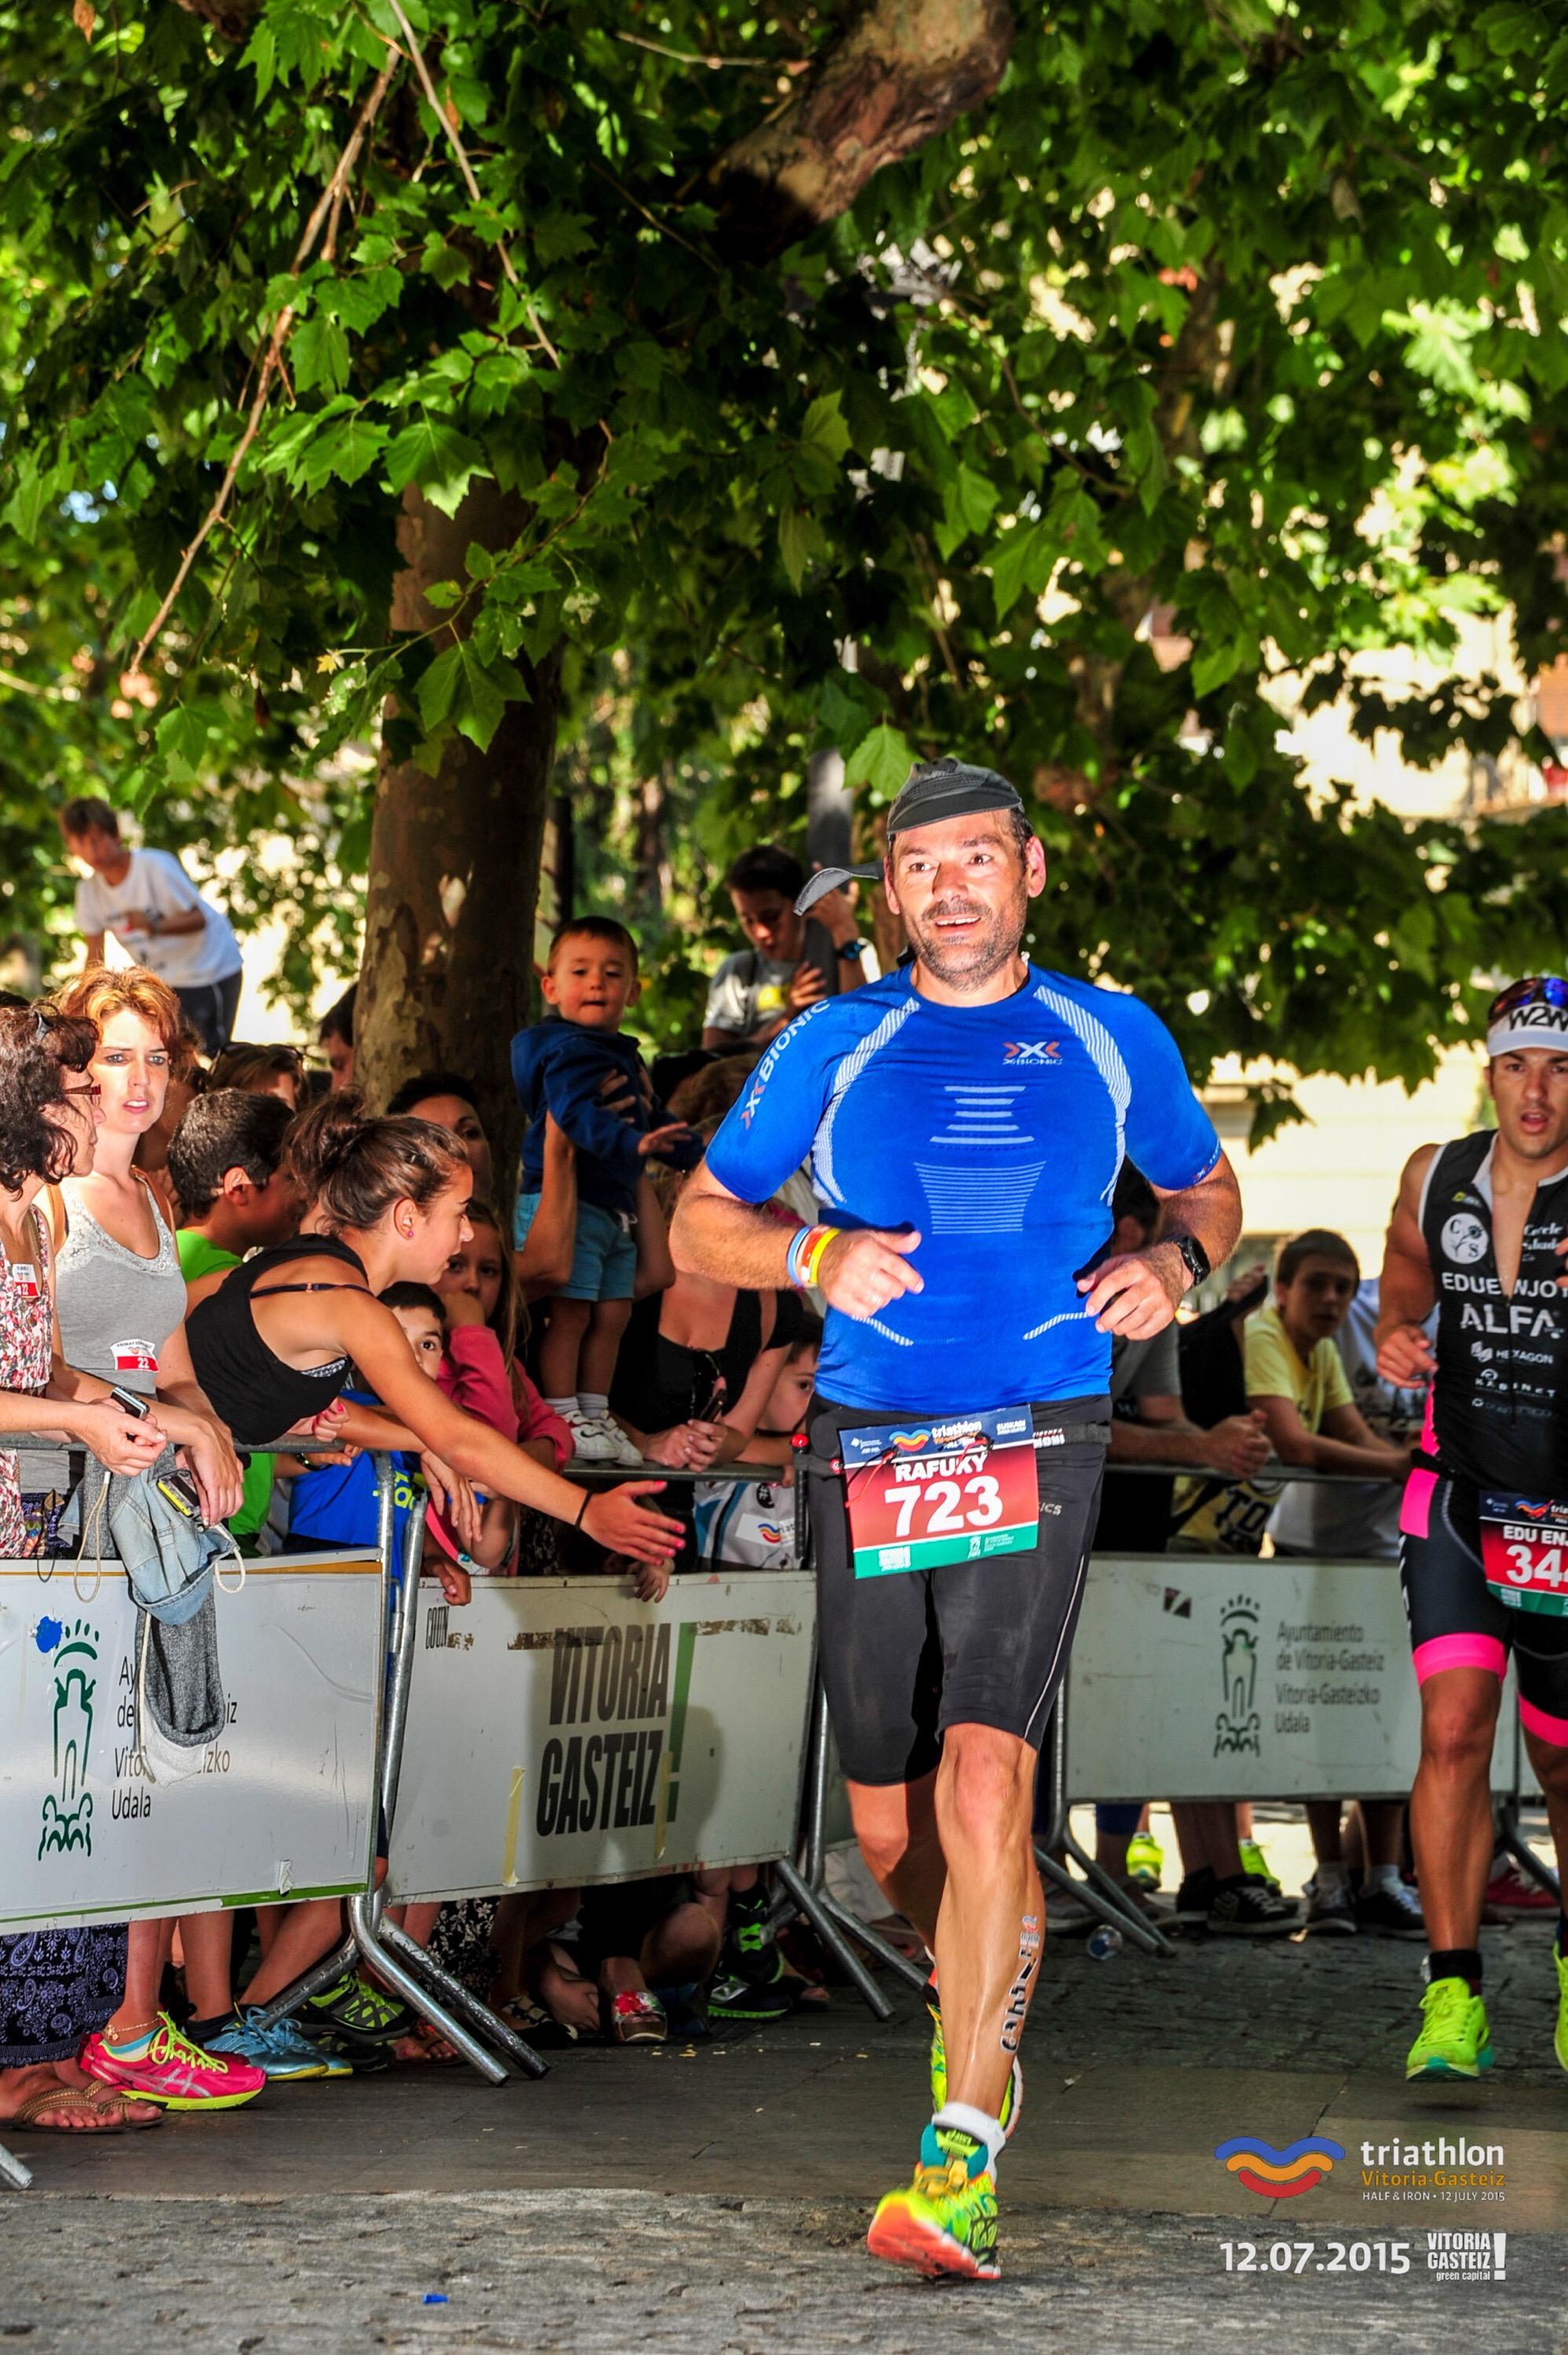 triathlon-vitoria-2015-917895-29378-1847